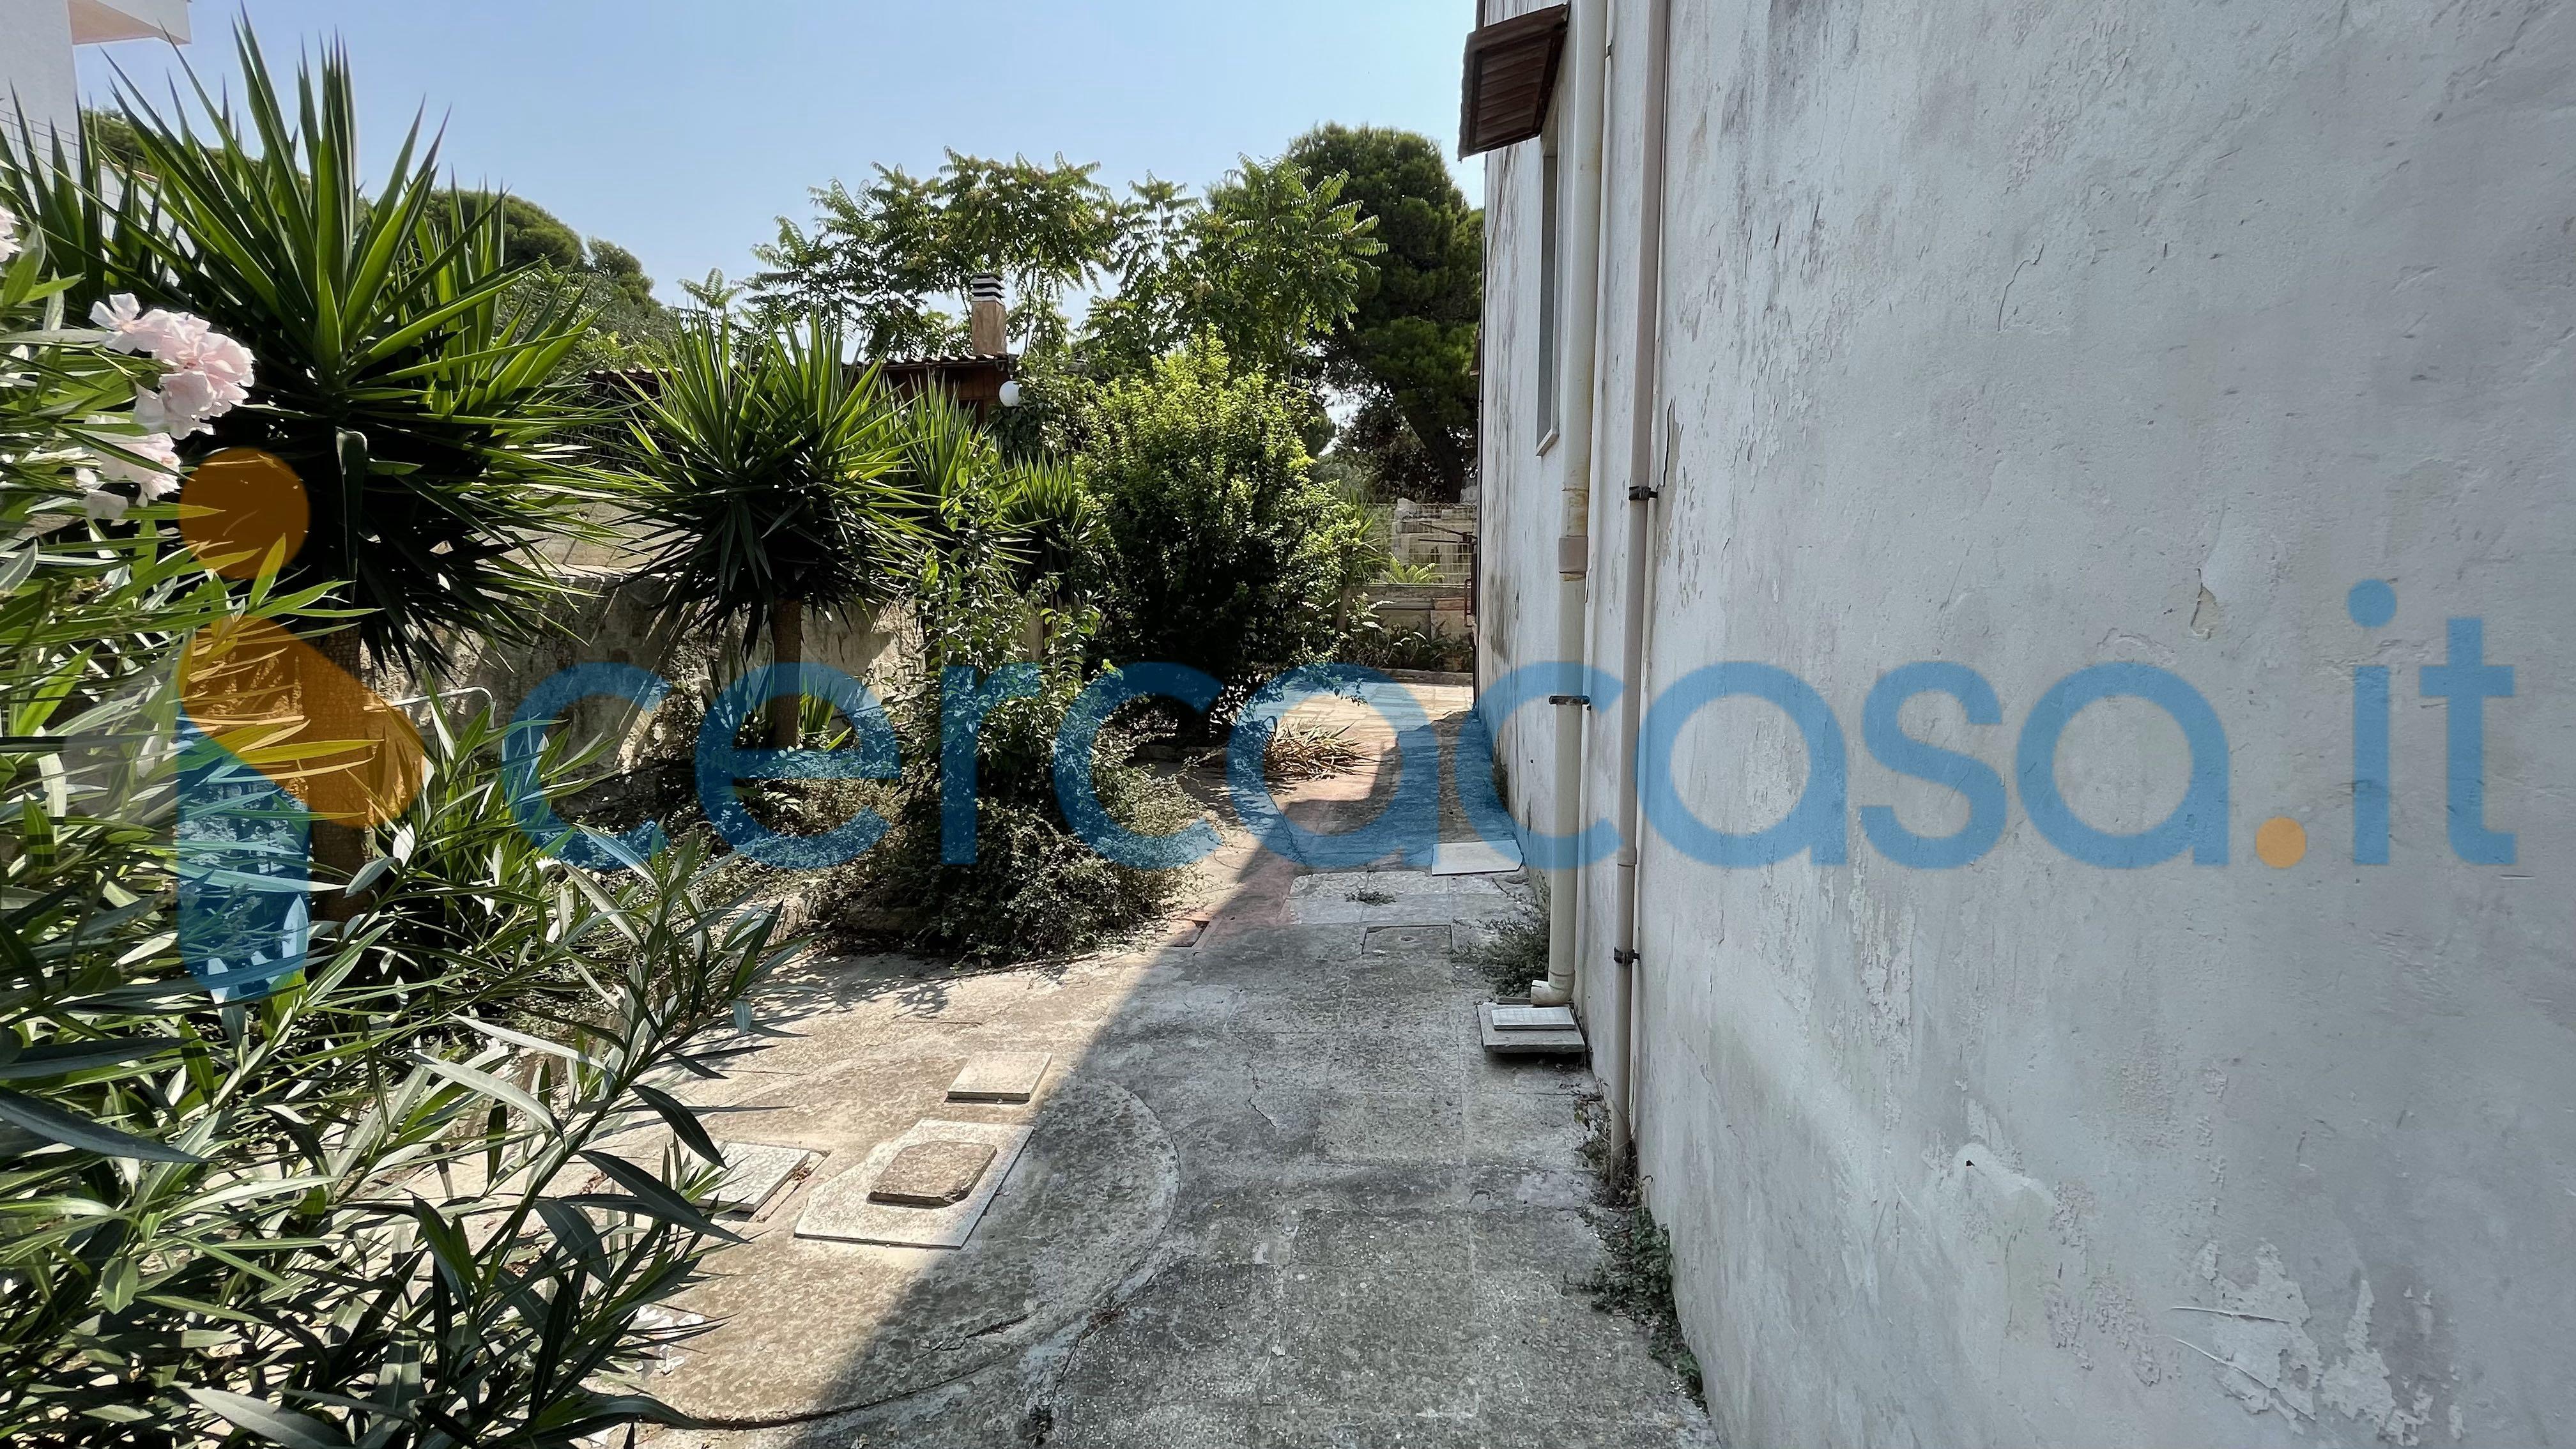 _comodo-_appartamento-con-_giardino-a-_lama-__0028_t_a__0029in-zona-servita